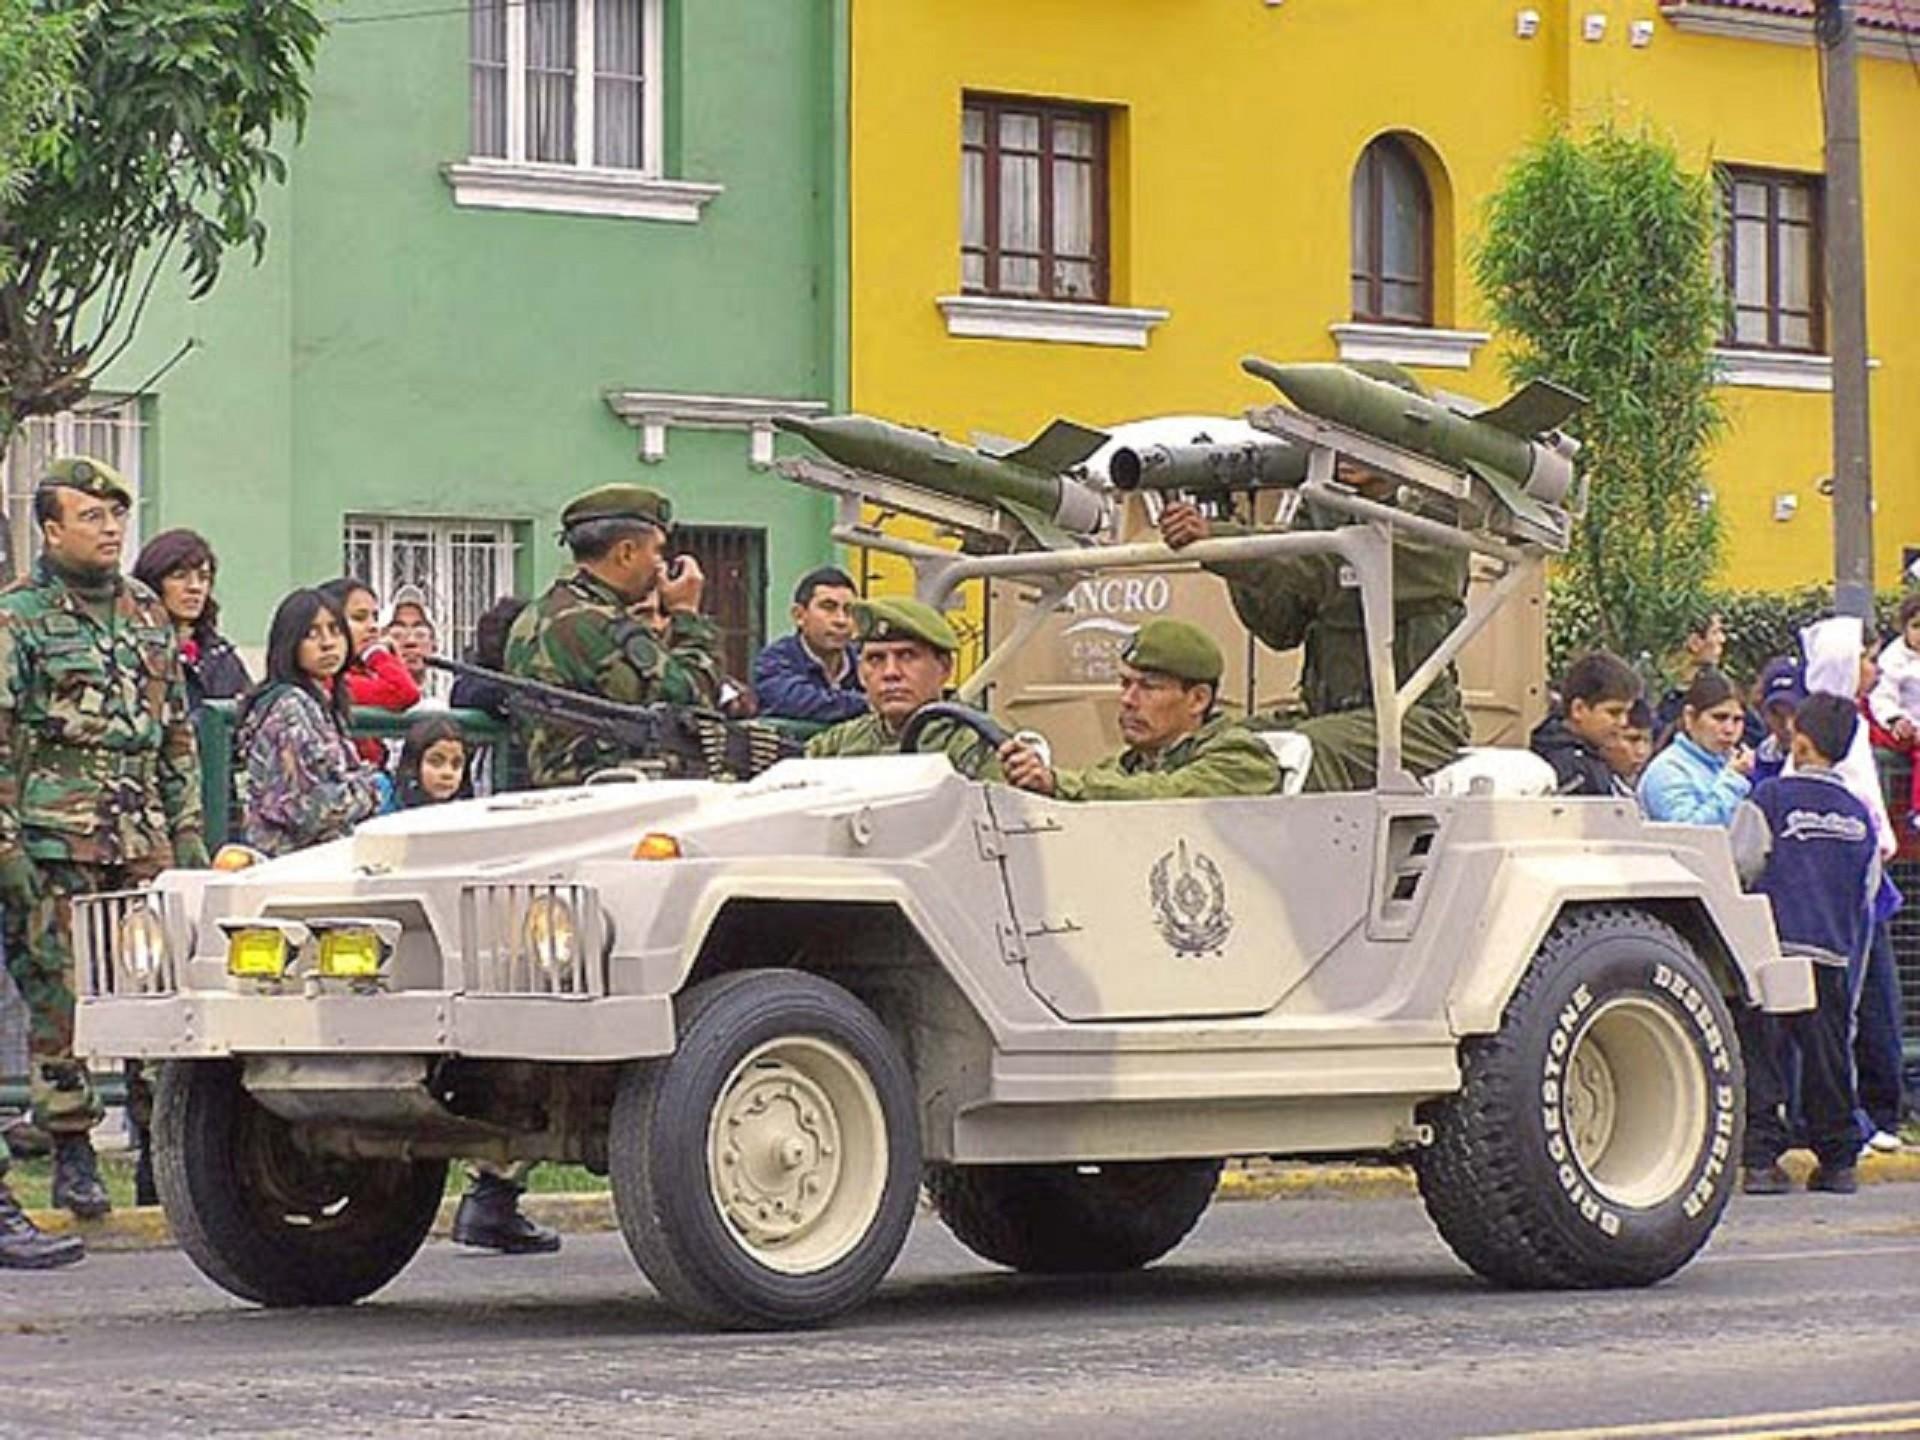 Vehículo Asanave de fabricación peruana portando misiles rusos 9M14 Maliutka.